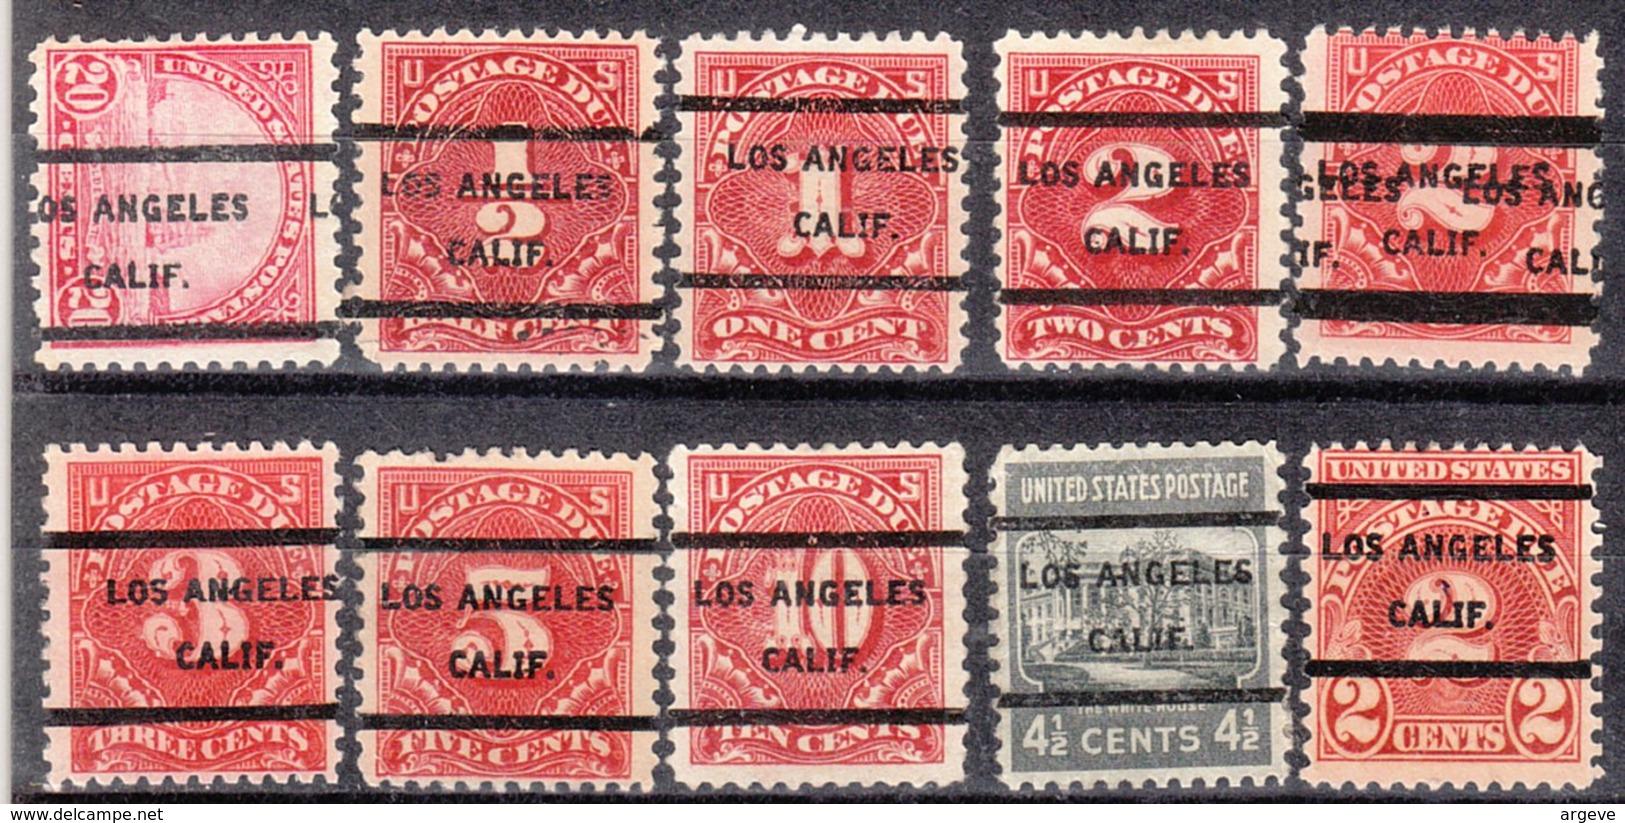 USA Precancel Vorausentwertung Preo, Locals California, Los Angeles 205, 10 Diff., Perf. 8 X 11x11, 2 X 11x10 1/2 - Vereinigte Staaten